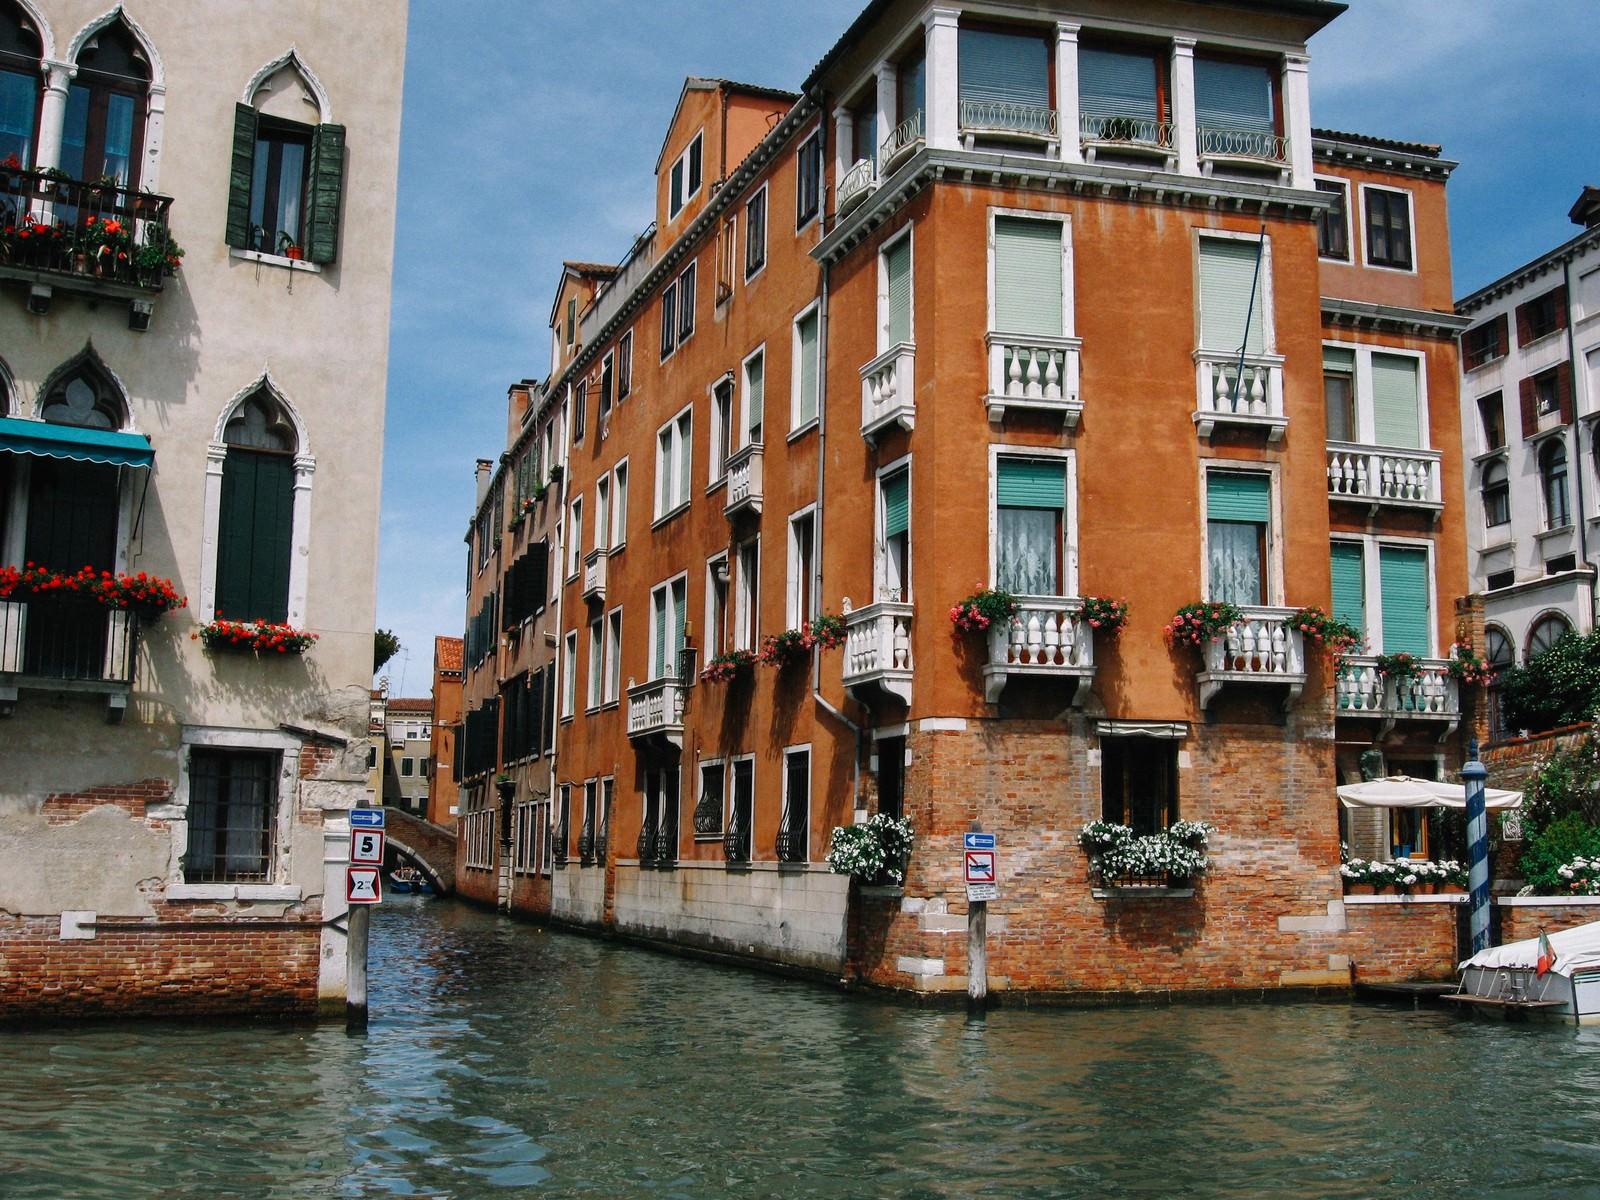 「ヴェネツィアの水路沿いに建つレンガ造りの建物(イタリア)」の写真